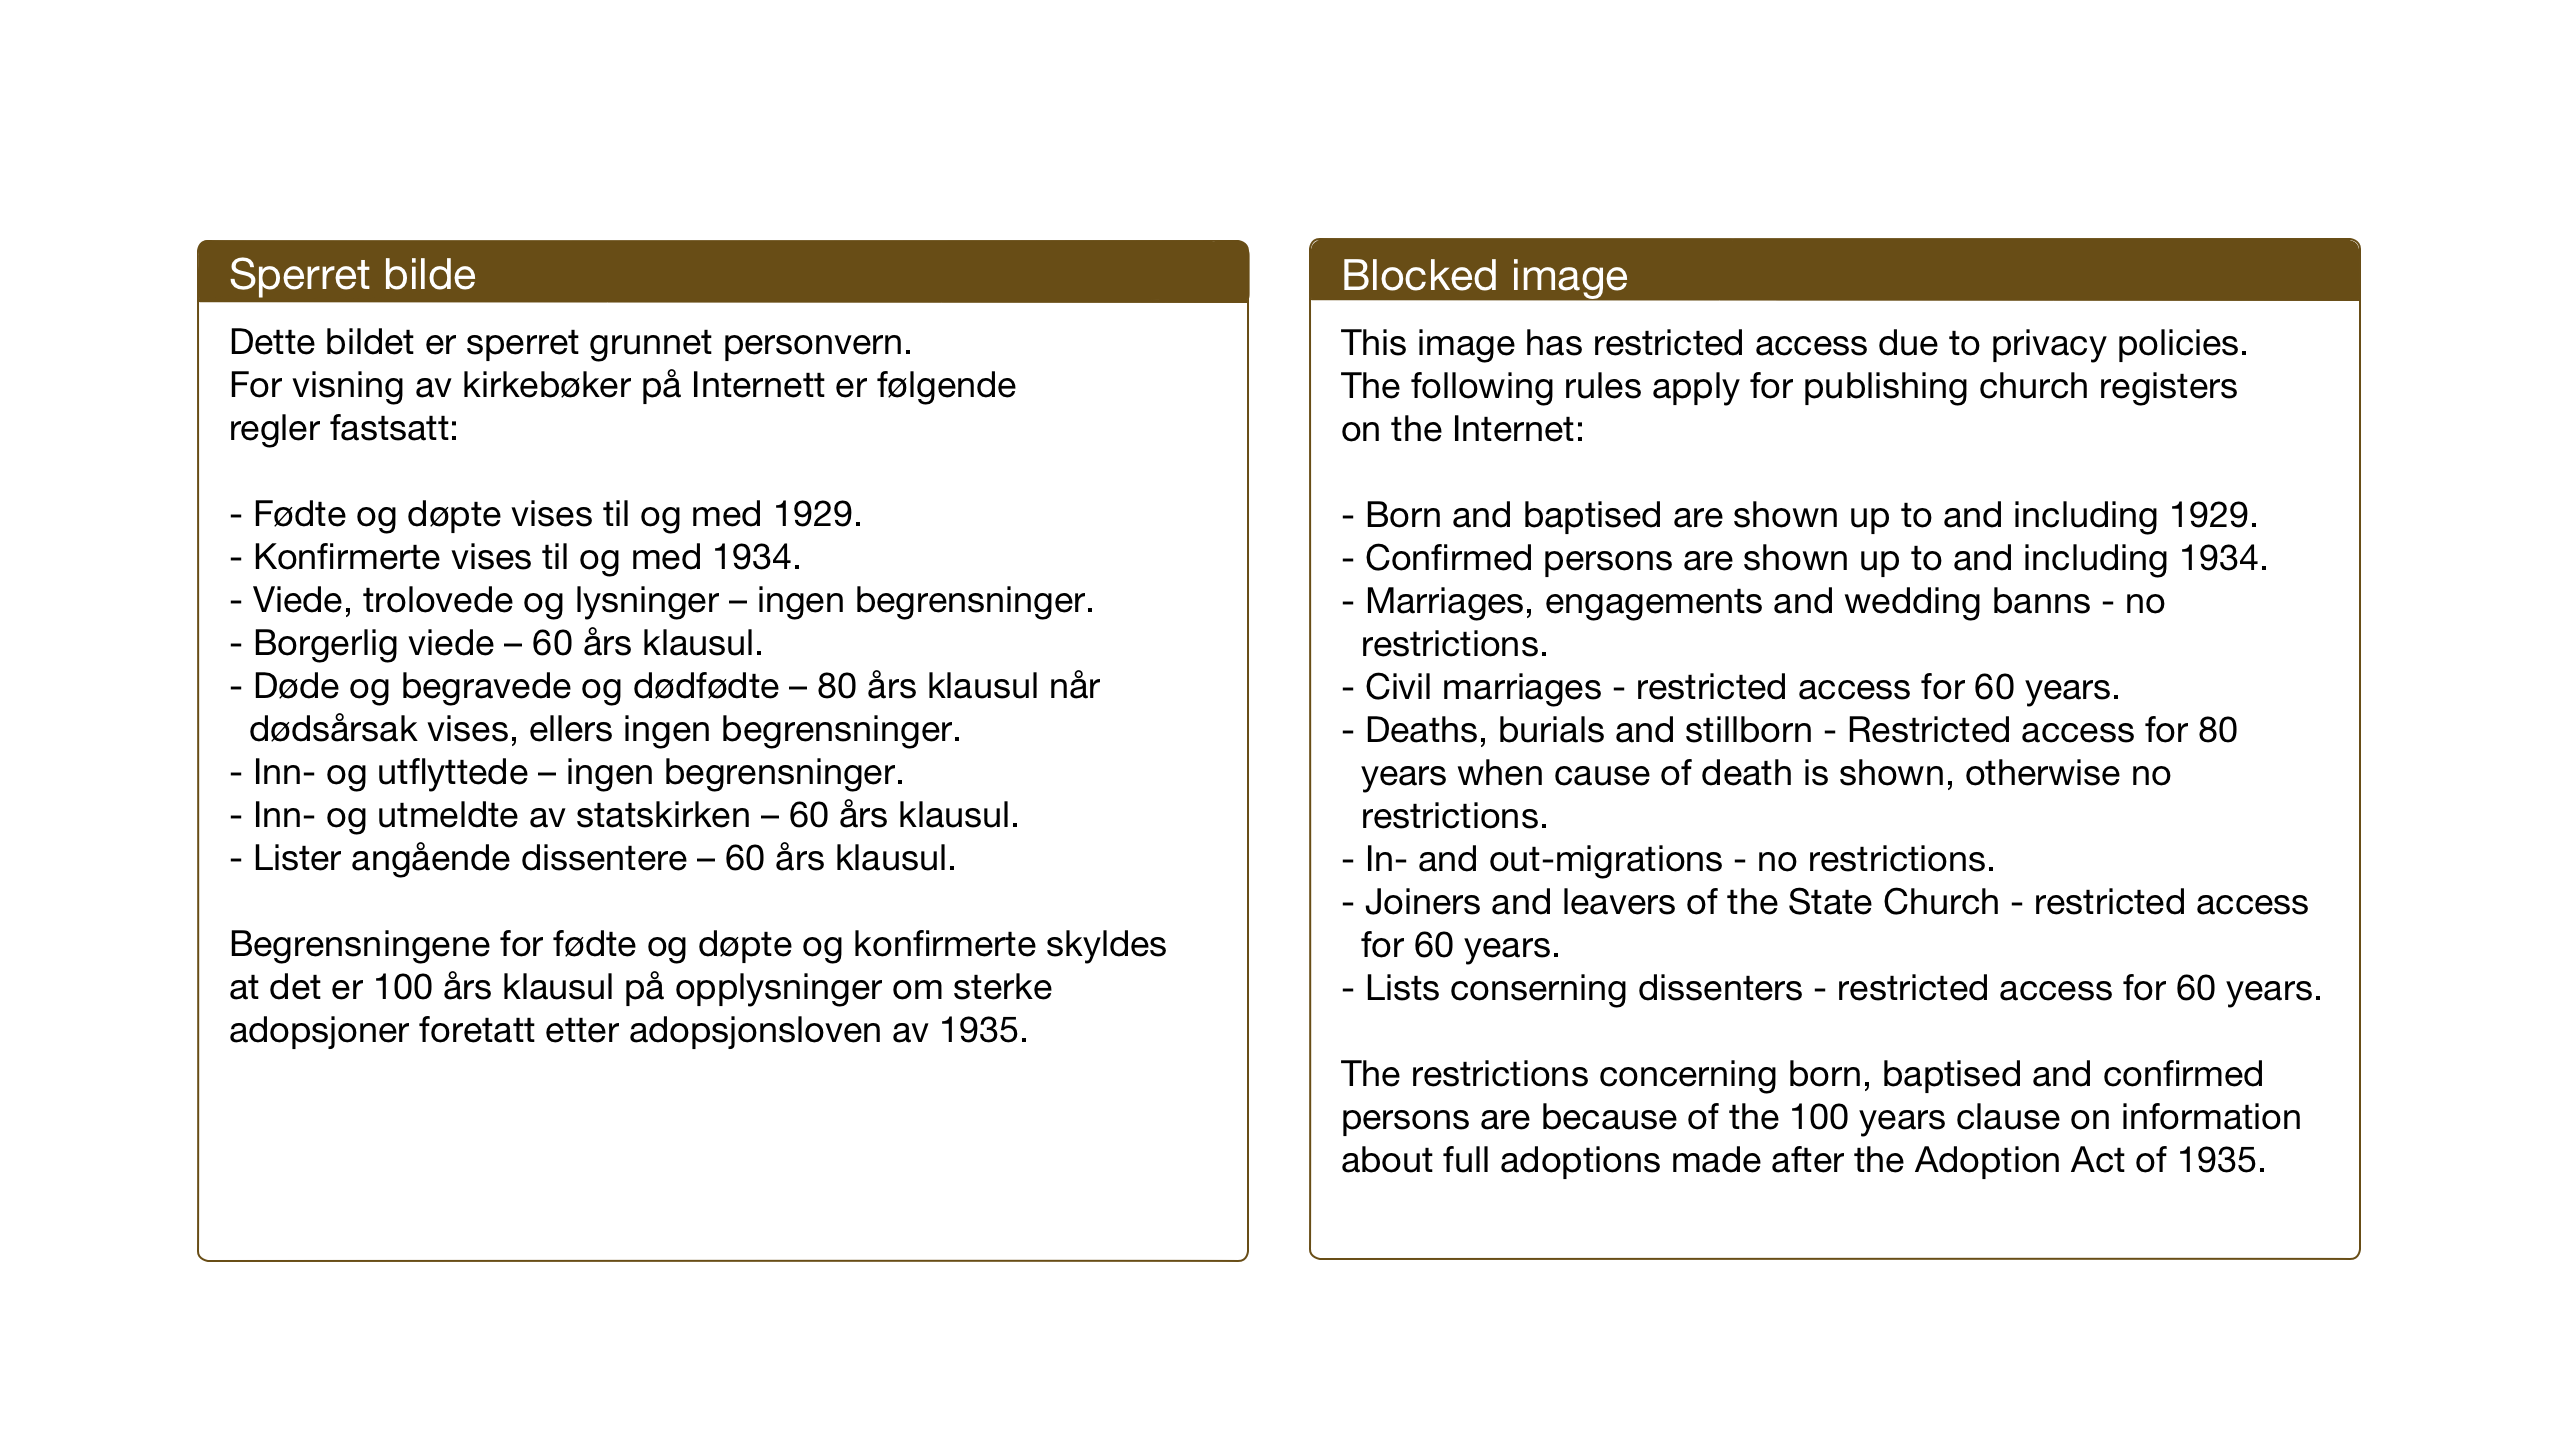 SAT, Ministerialprotokoller, klokkerbøker og fødselsregistre - Nord-Trøndelag, 744/L0425: Klokkerbok nr. 744C04, 1924-1947, s. 23